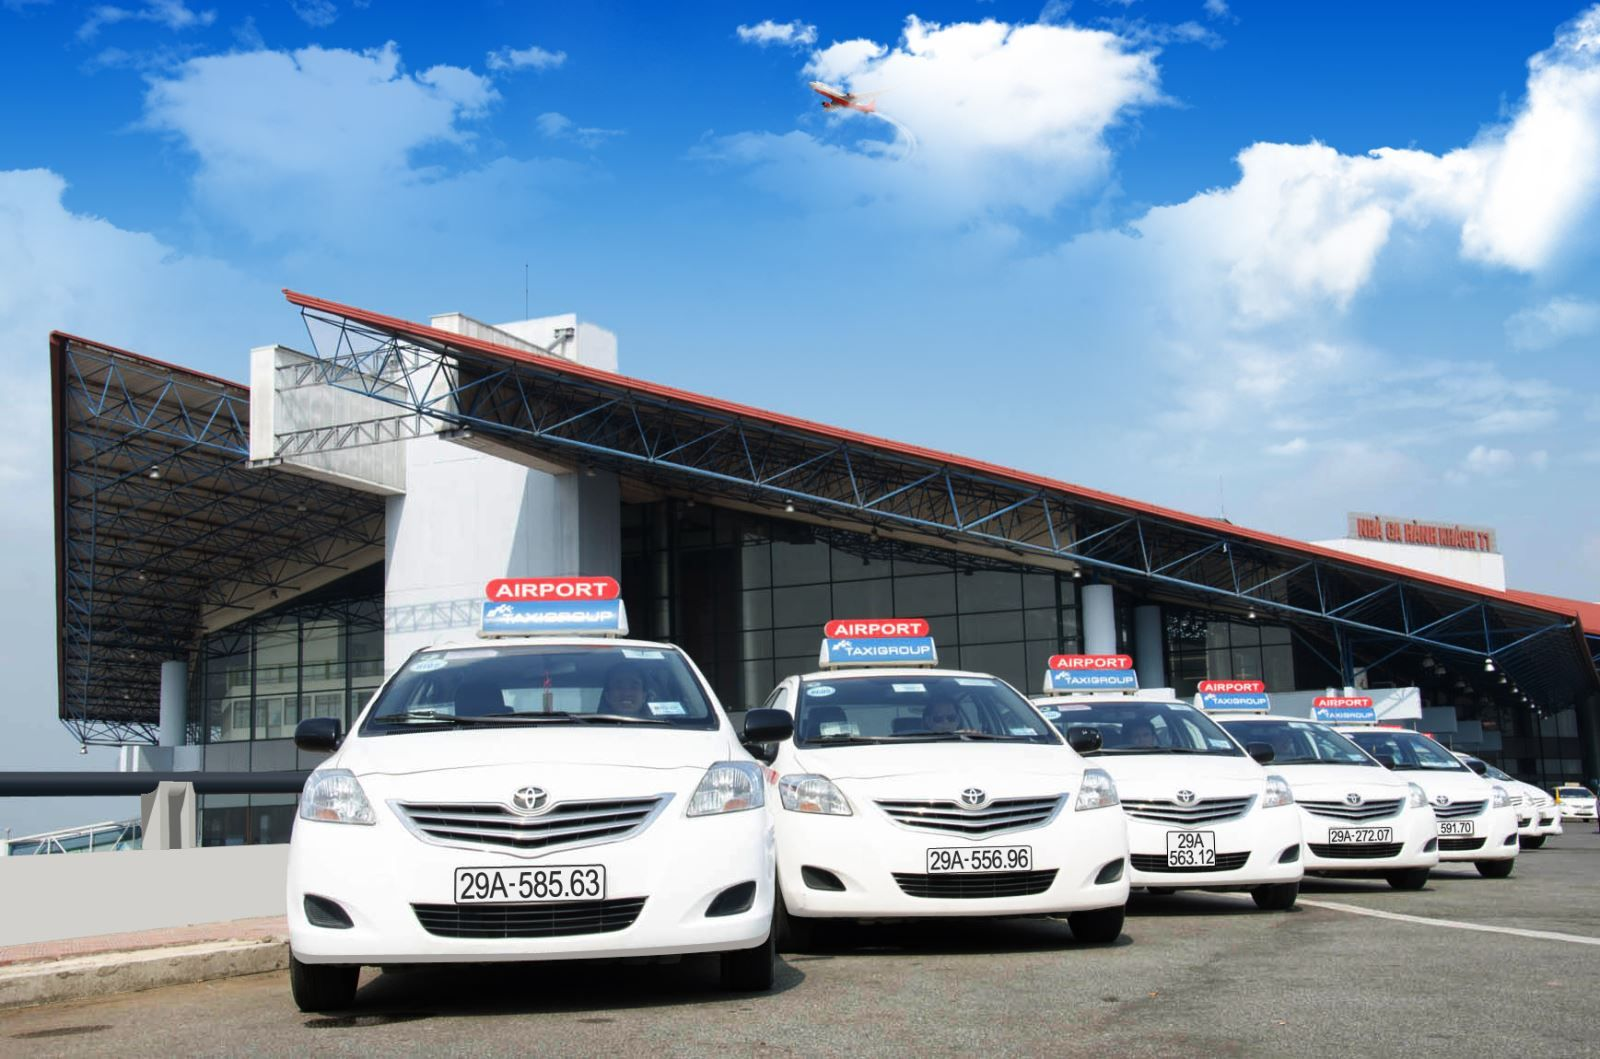 Kinh nghiệm đi taxi tại Hà Nội cho thoải mái và tiết kiệm nhất